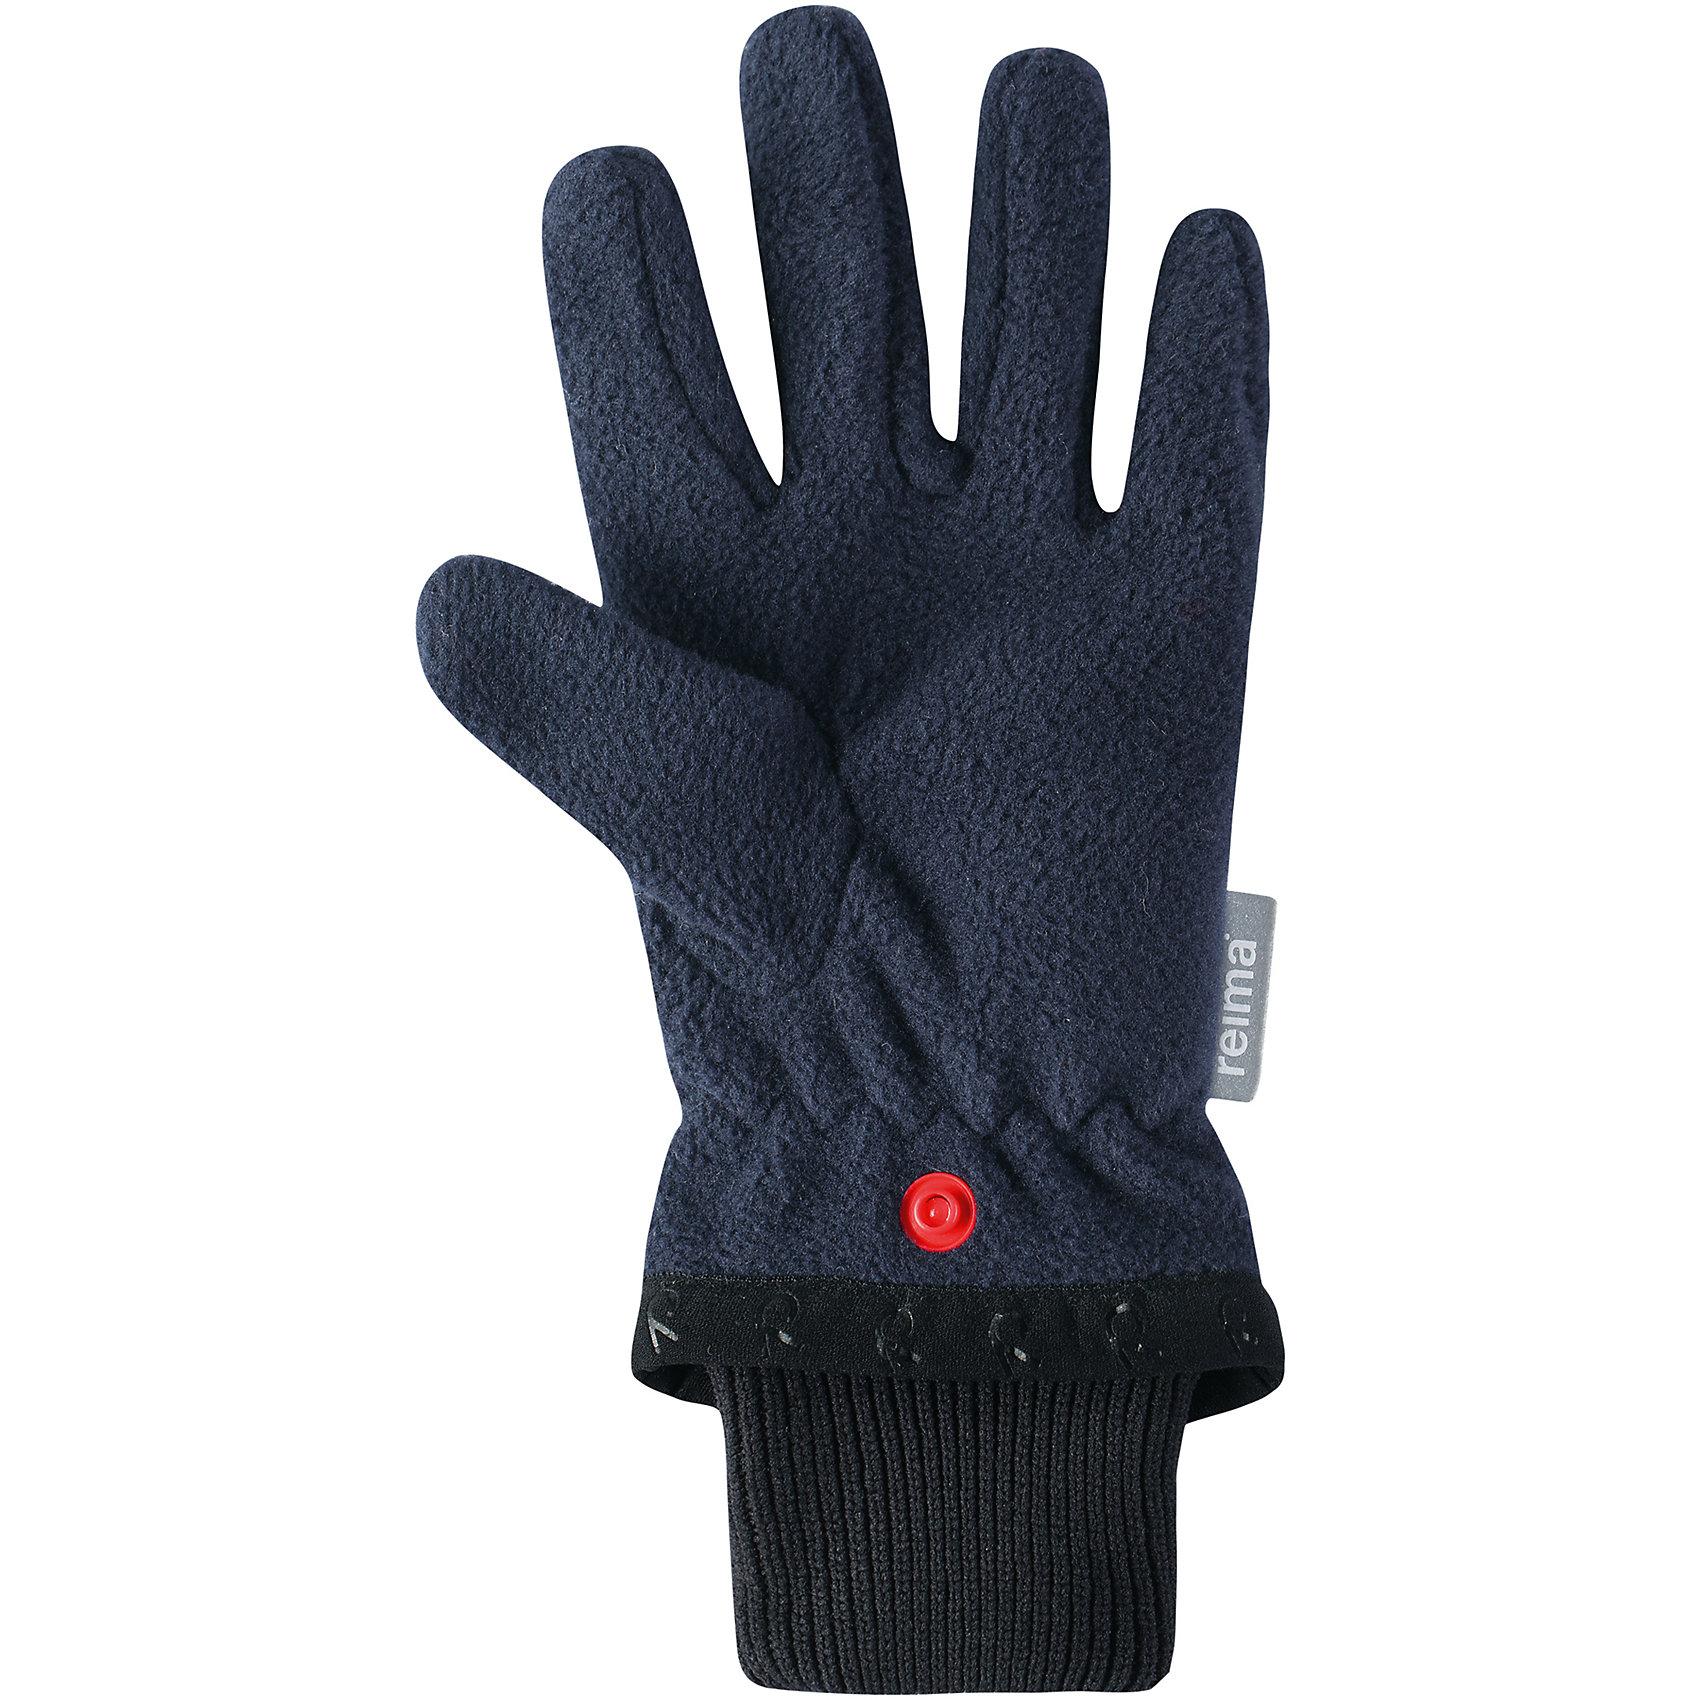 Перчатки Tollense ReimaПерчатки, варежки<br>Характеристики товара:<br><br>• флис<br>• состав:100% полиэстер<br>• температурный режим: от 0°до +10°С<br>• быстро сохнут<br>• без подкладки<br>• кнопка для пристегиваний перчаток друг к другу<br>• материал позволяет коже дышать<br>• страна производства: Китай<br>• страна бренда: Финляндия<br>• коллекция: весна-лето 2017<br><br>Reima представляет новые перчатки для детей. Они помогут обеспечить ребенку комфорт и дополнить наряд. Перчатки отлично смотрятся с различной одеждой. Изделия удобно сидят и модно выглядят, в их основе мягкий материал. Просты в уходе, долго служат. Стильный дизайн разрабатывался специально для детей.<br><br>Одежда и обувь от финского бренда Reima пользуется популярностью во многих странах. Эти изделия стильные, качественные и удобные. Для производства продукции используются только безопасные, проверенные материалы и фурнитура. Порадуйте ребенка модными и красивыми вещами от Reima! <br><br>Перчатки от финского бренда Reima (Рейма) можно купить в нашем интернет-магазине.<br><br>Ширина мм: 162<br>Глубина мм: 171<br>Высота мм: 55<br>Вес г: 119<br>Цвет: синий<br>Возраст от месяцев: 144<br>Возраст до месяцев: 168<br>Пол: Унисекс<br>Возраст: Детский<br>Размер: 8,3,4,5,6,7<br>SKU: 5268059